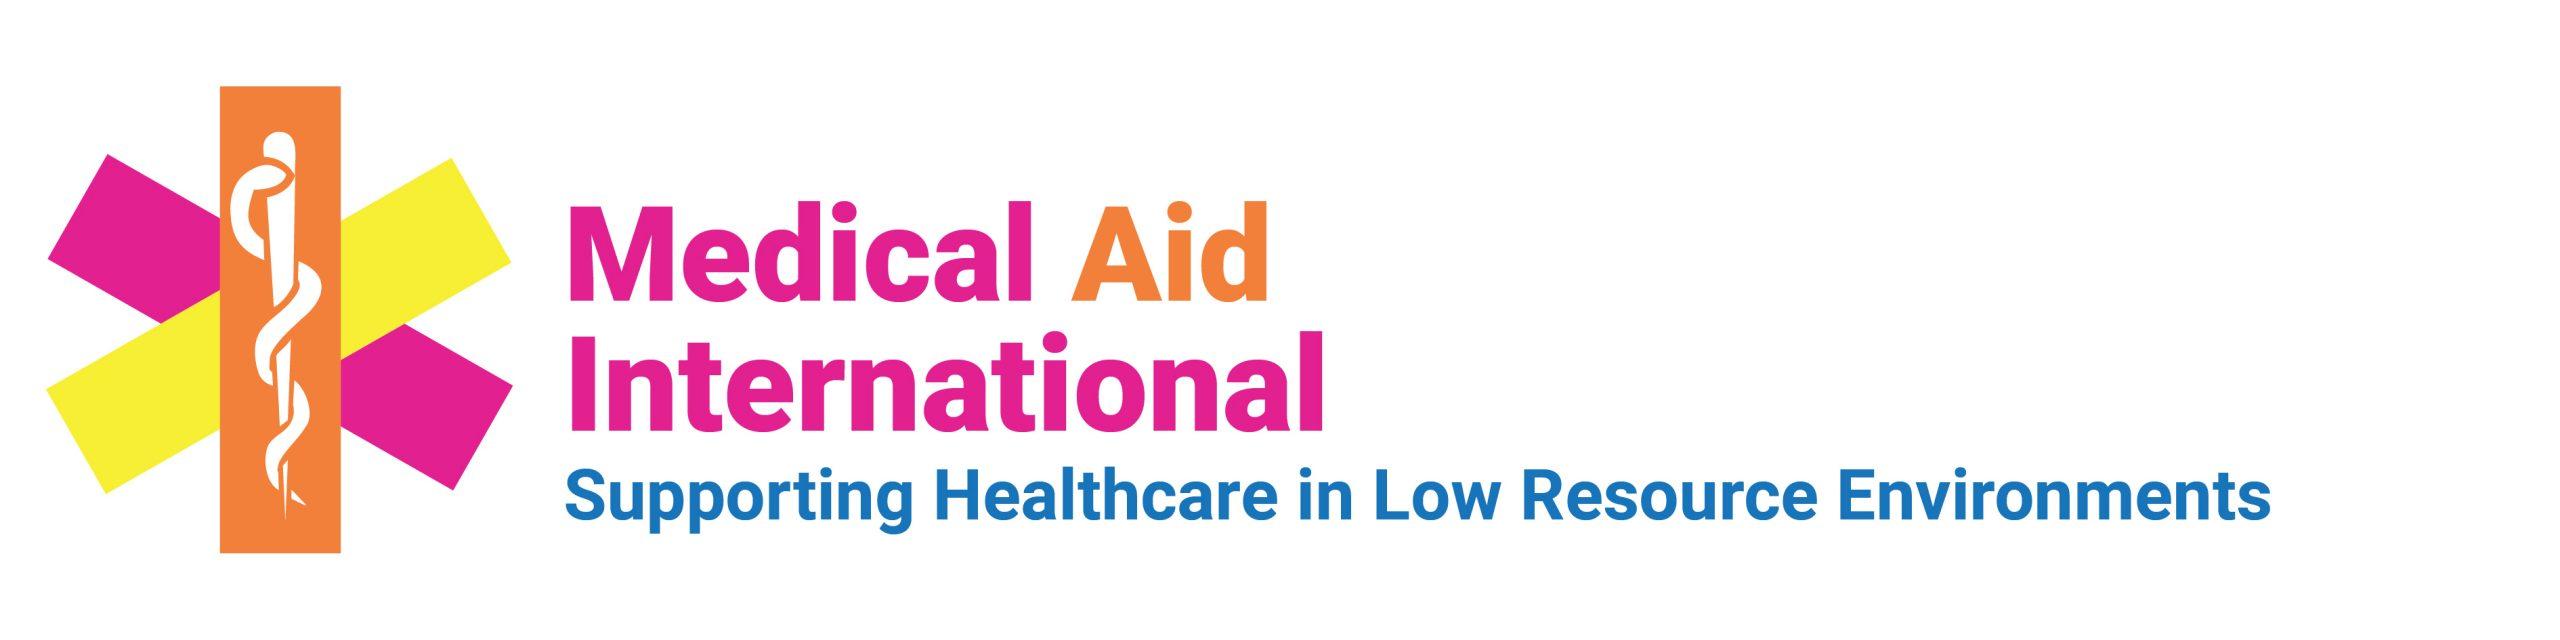 Medical Aid International